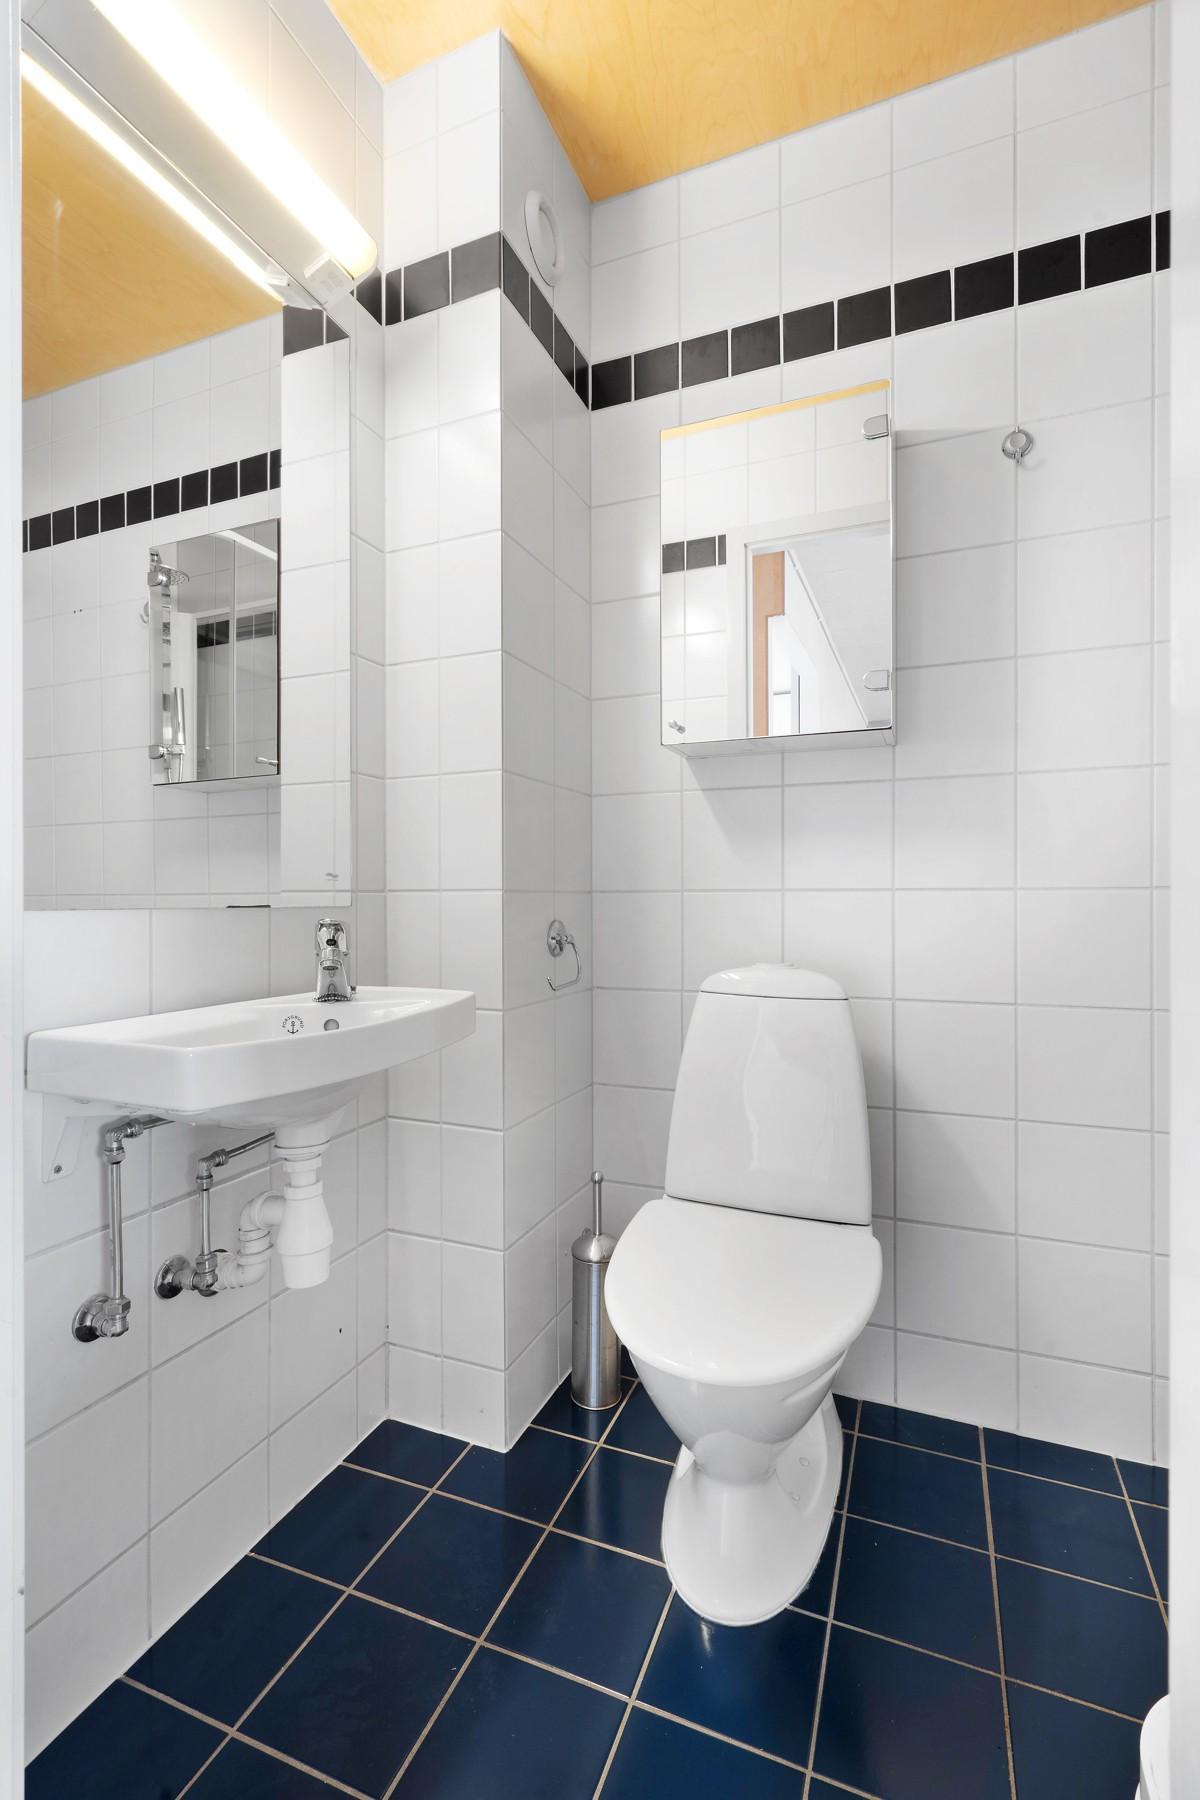 Baderom 2 med toalett og dusj